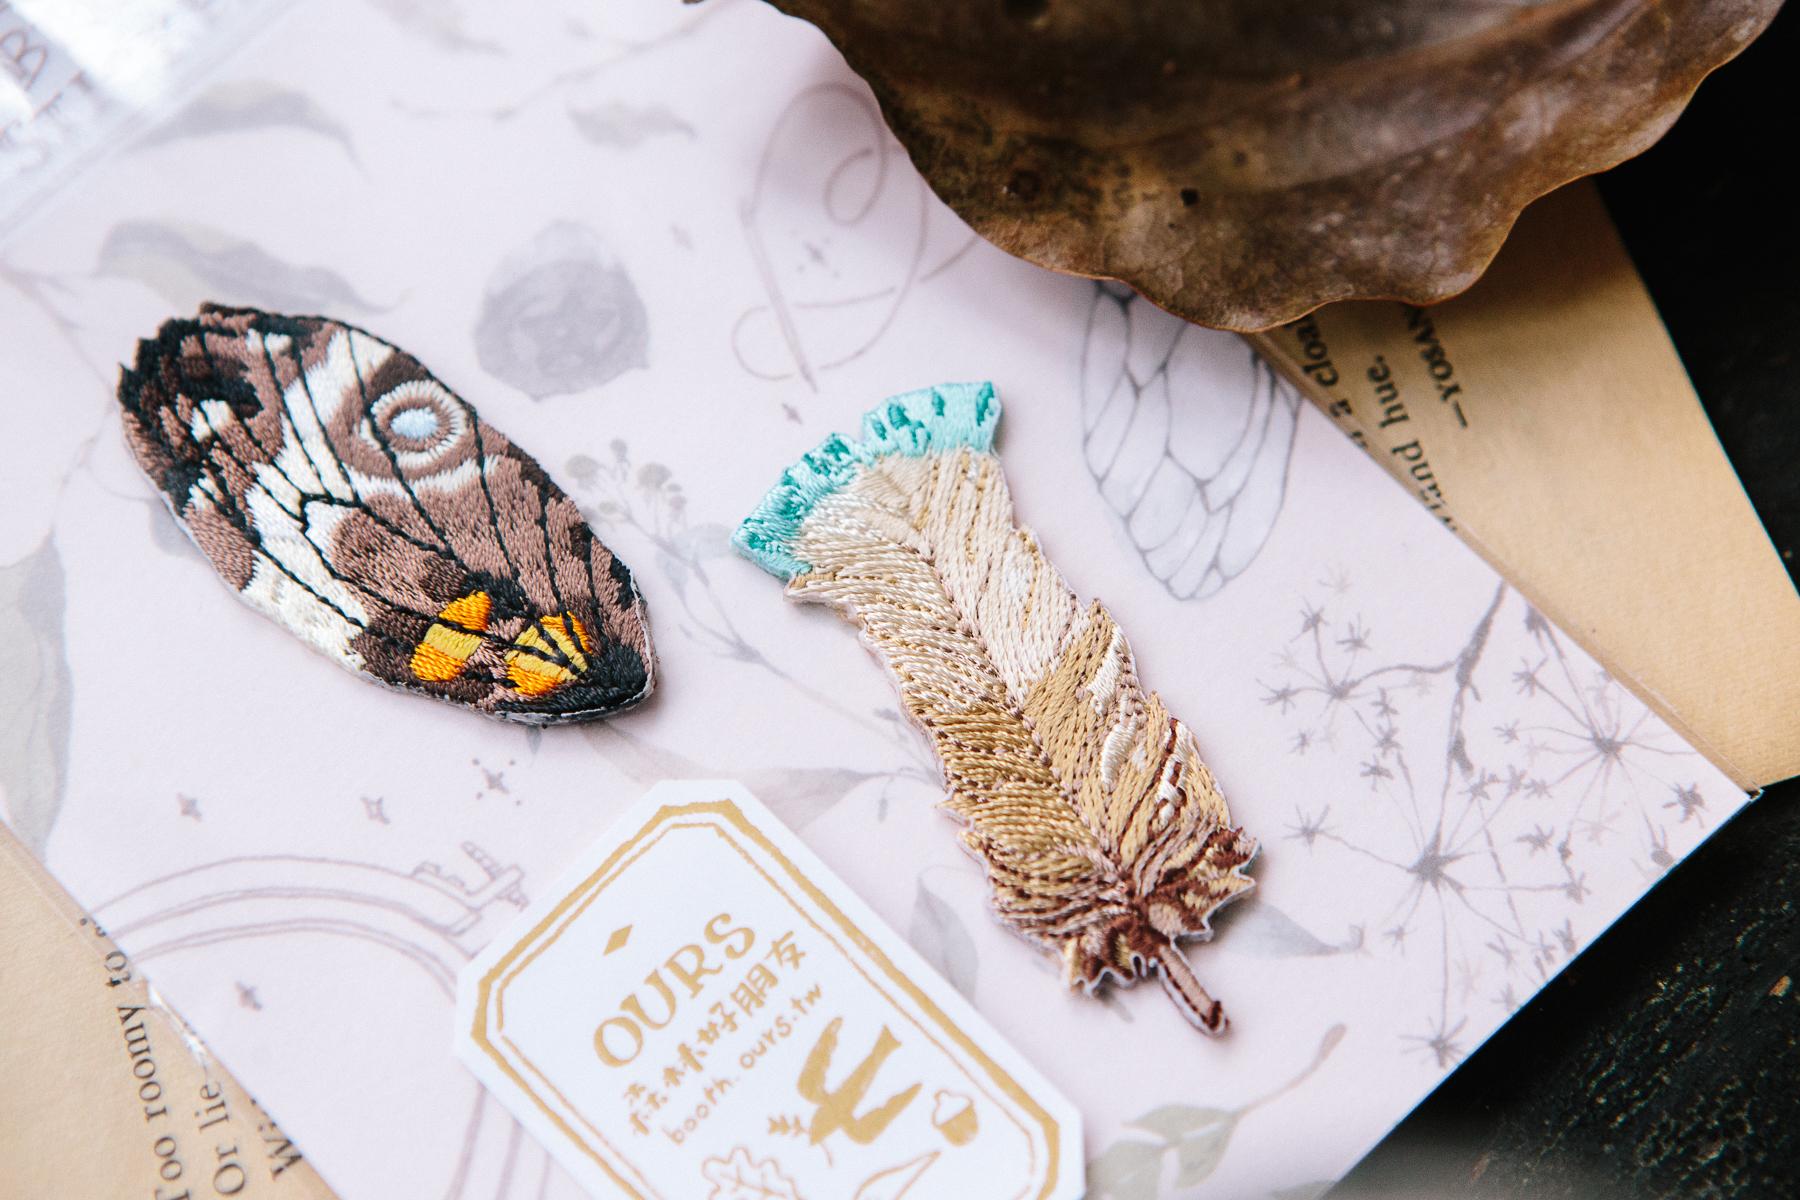 羽毛 繡片貼紙